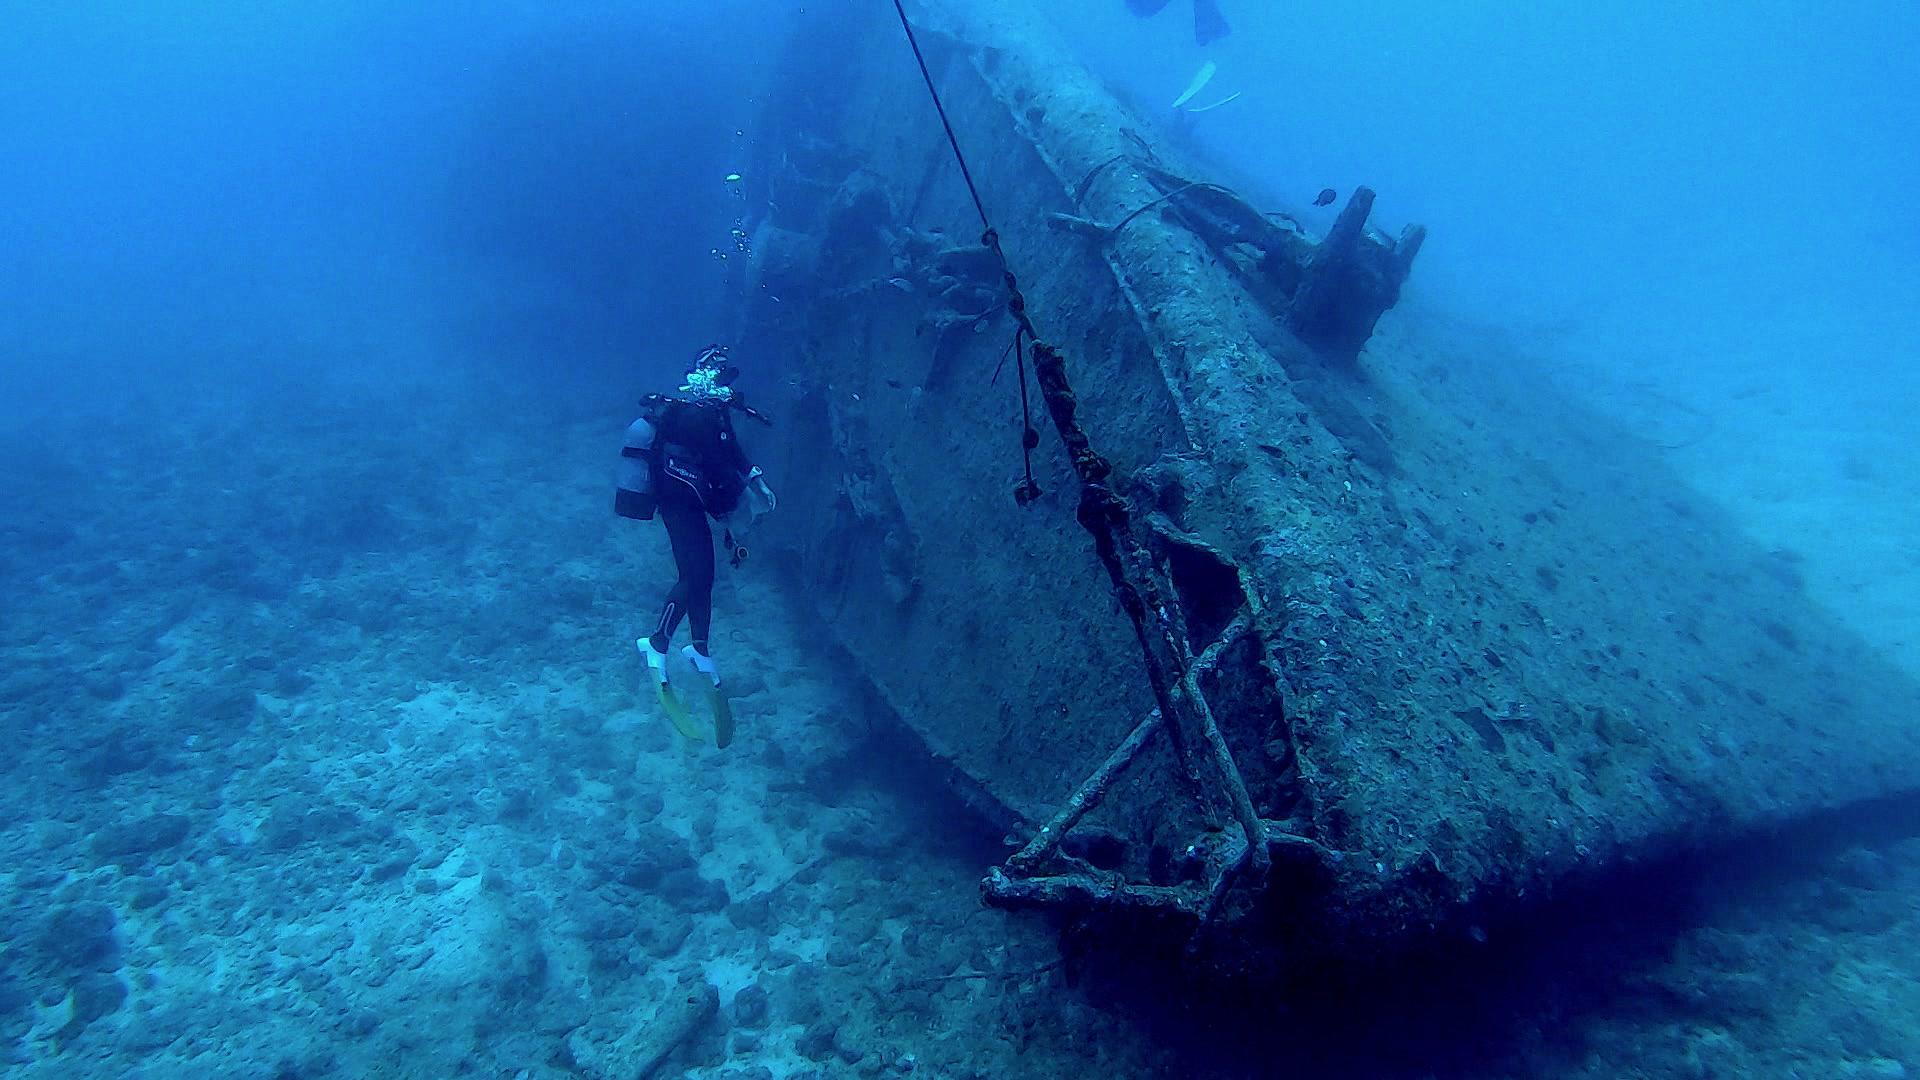 沖縄の沈船「エモンズ」に行くなら絶対に知っておきたい!魅力と注意点を5つずつ紹介!